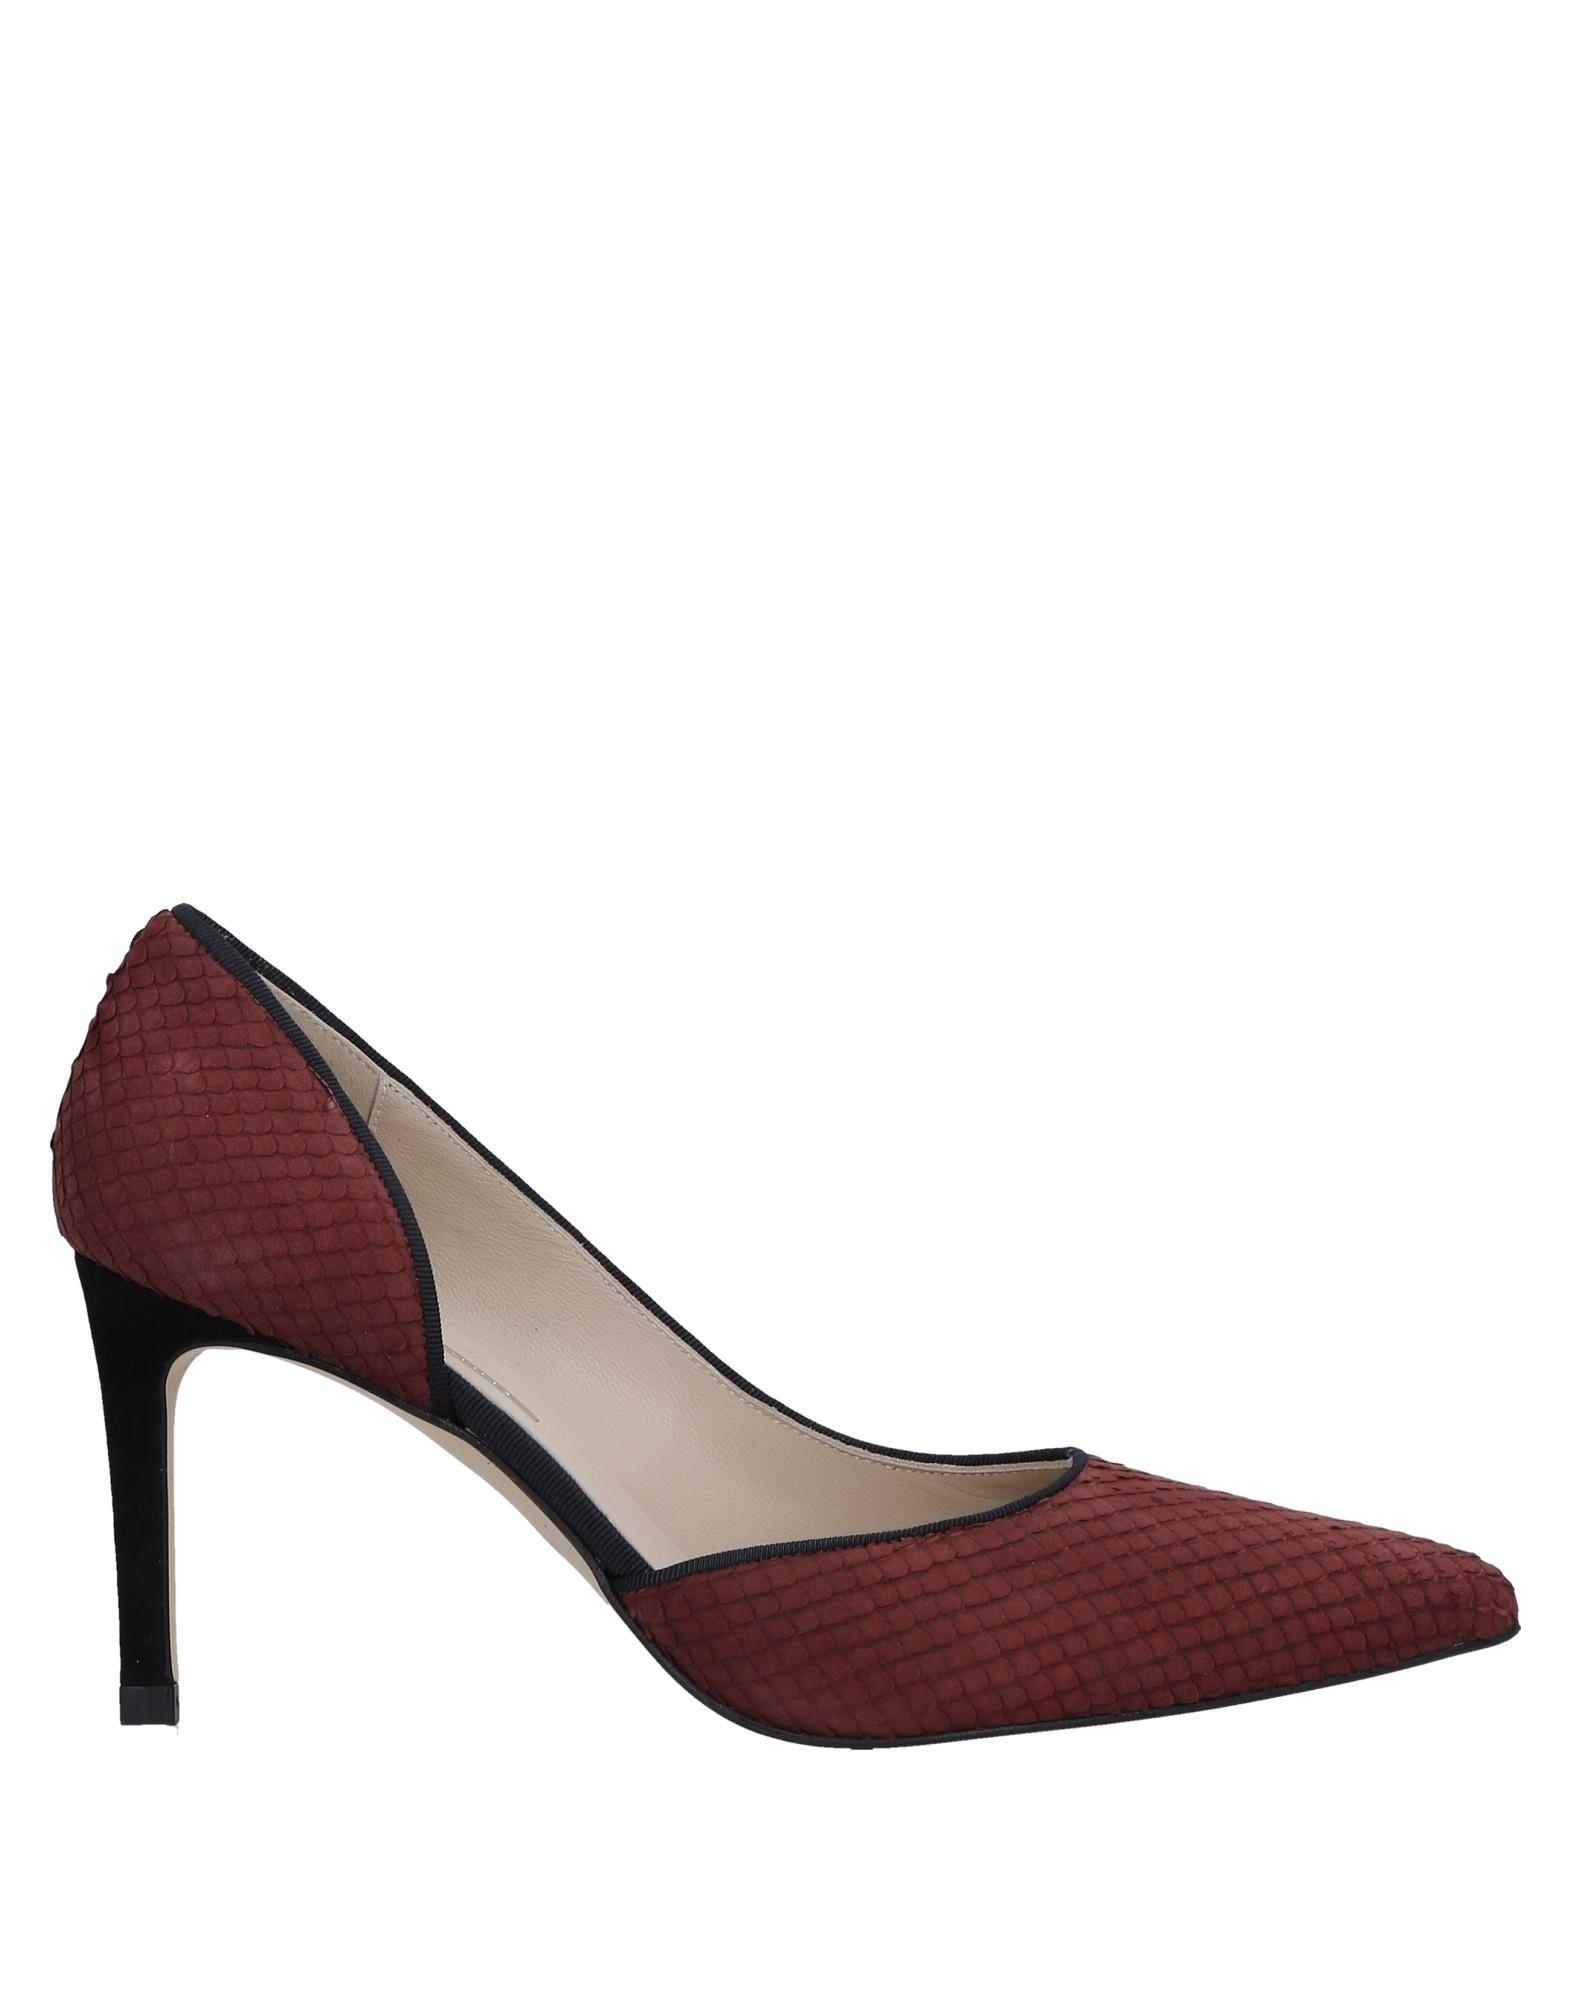 Hannibal Hannibal Hannibal Laguna Pumps Damen  11541915RF Gute Qualität beliebte Schuhe a1b15d